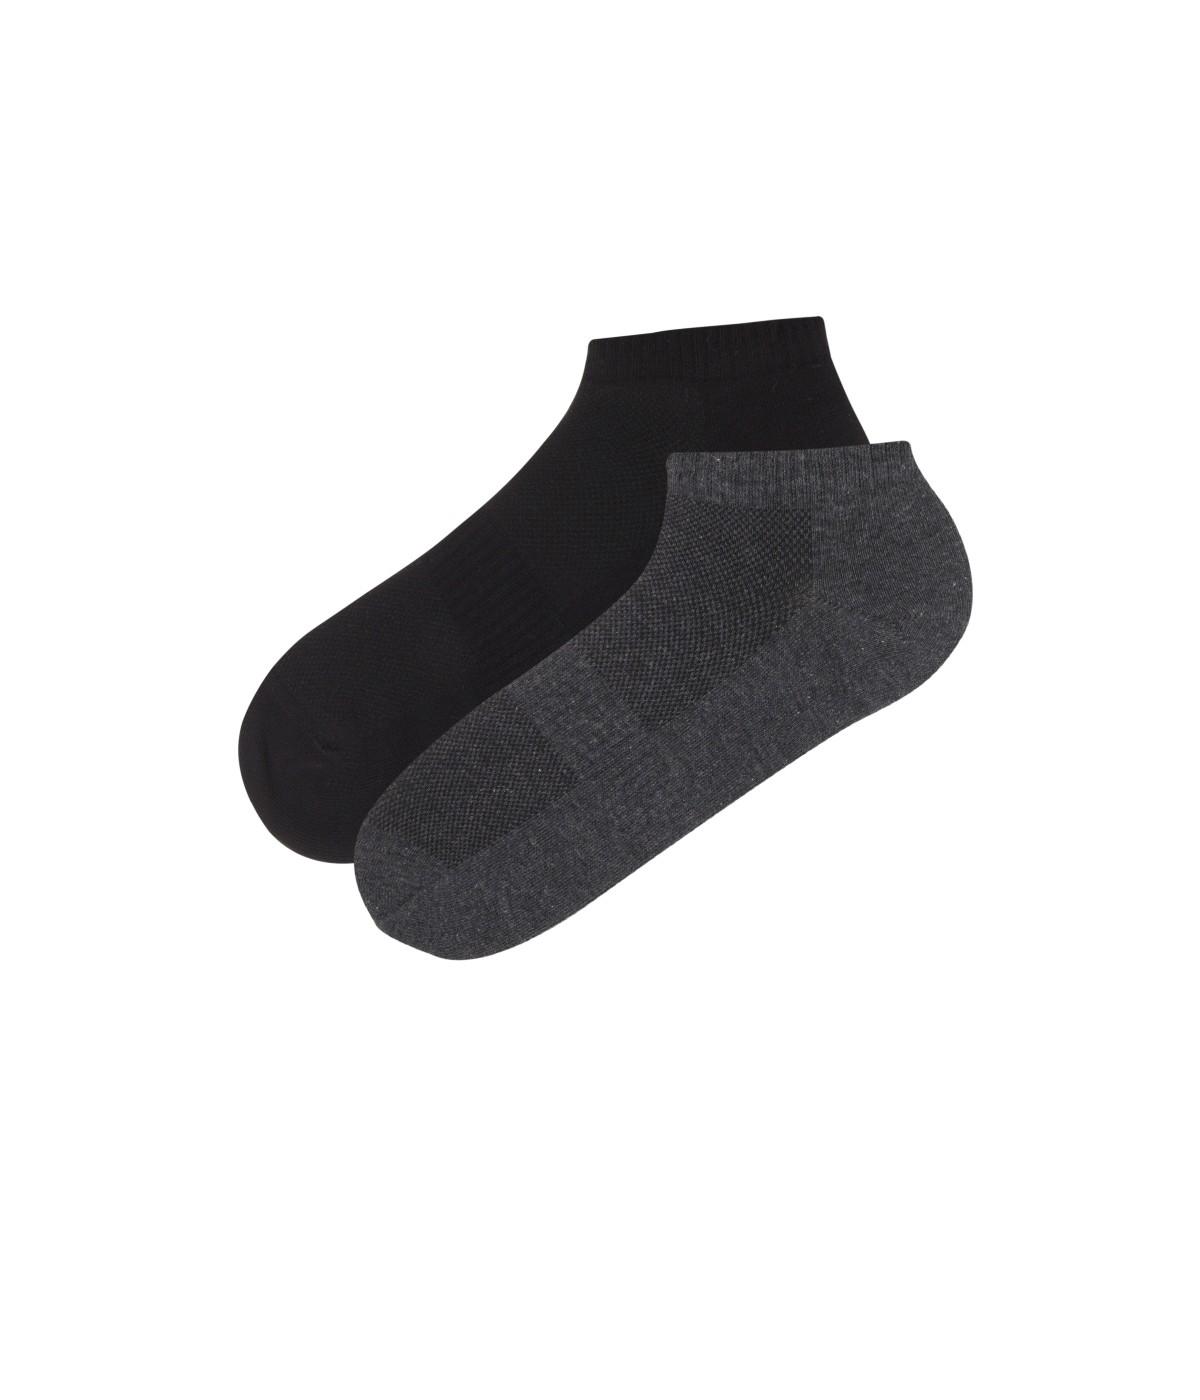 Men Act Basic 2 in 1 Liner Socks